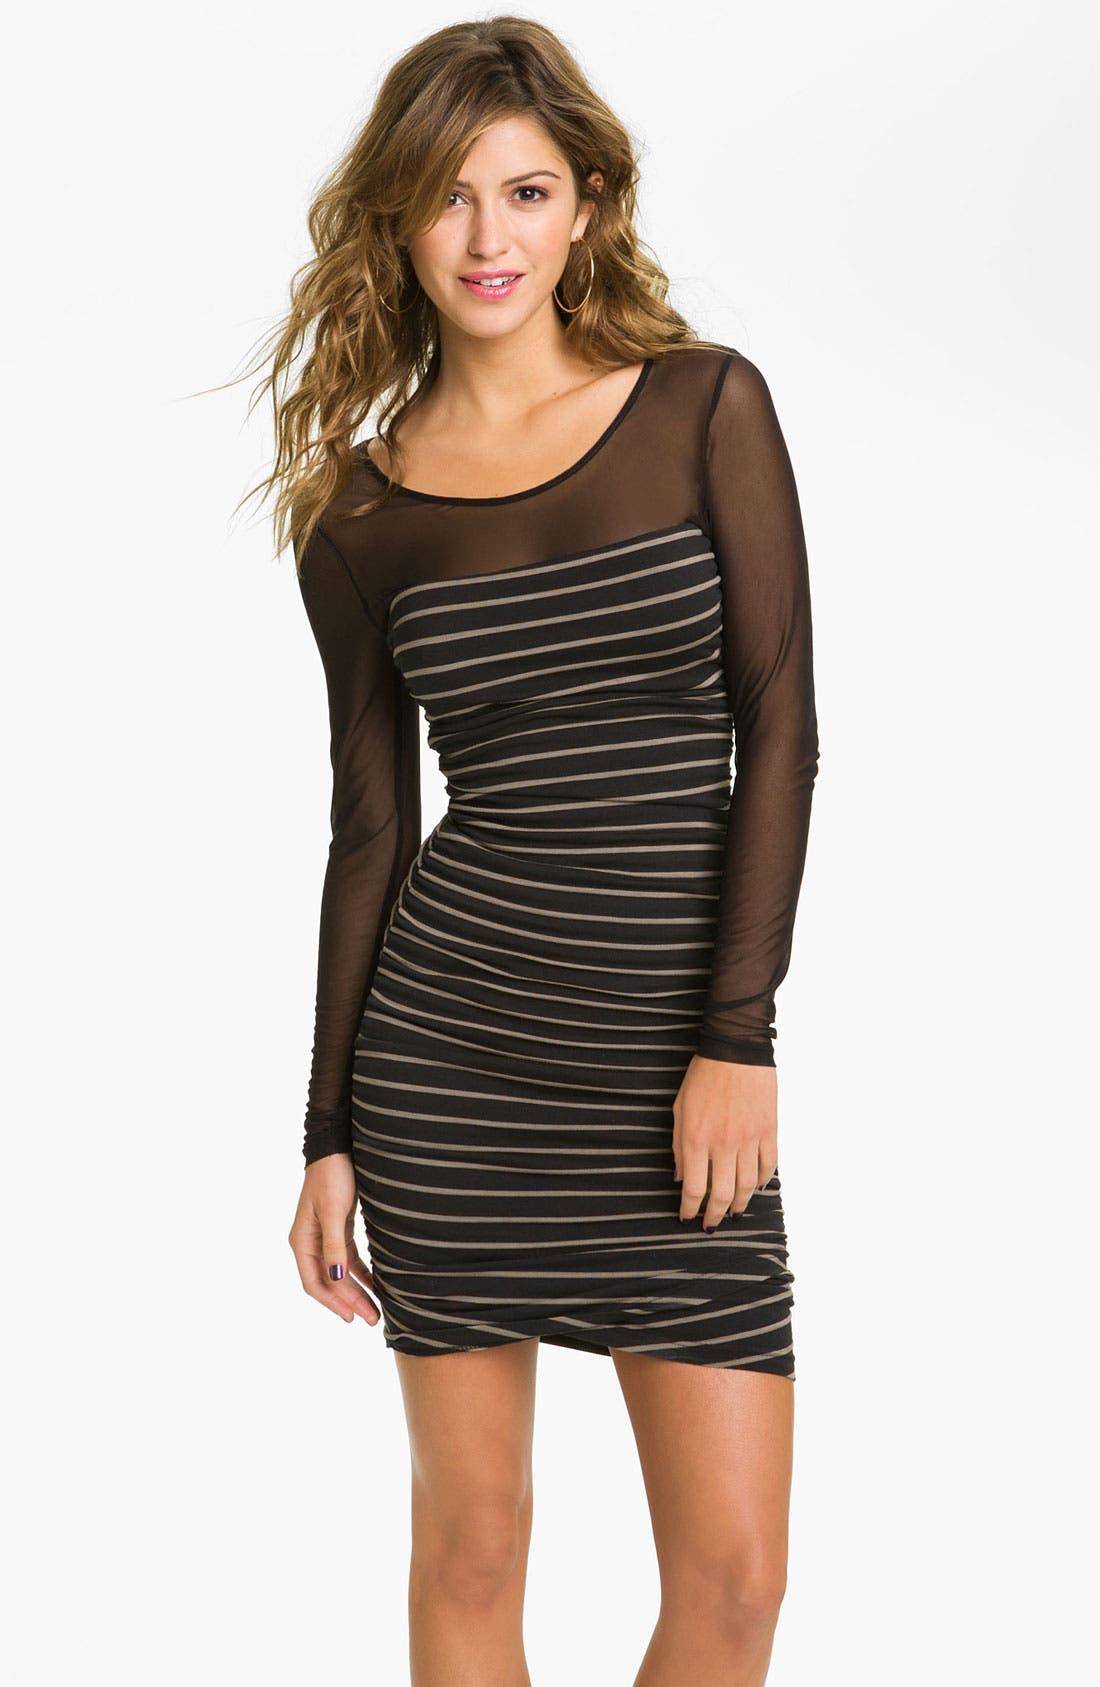 Alternate Image 1 Selected - Jack 'Noel' Mesh Top Dress (Juniors)